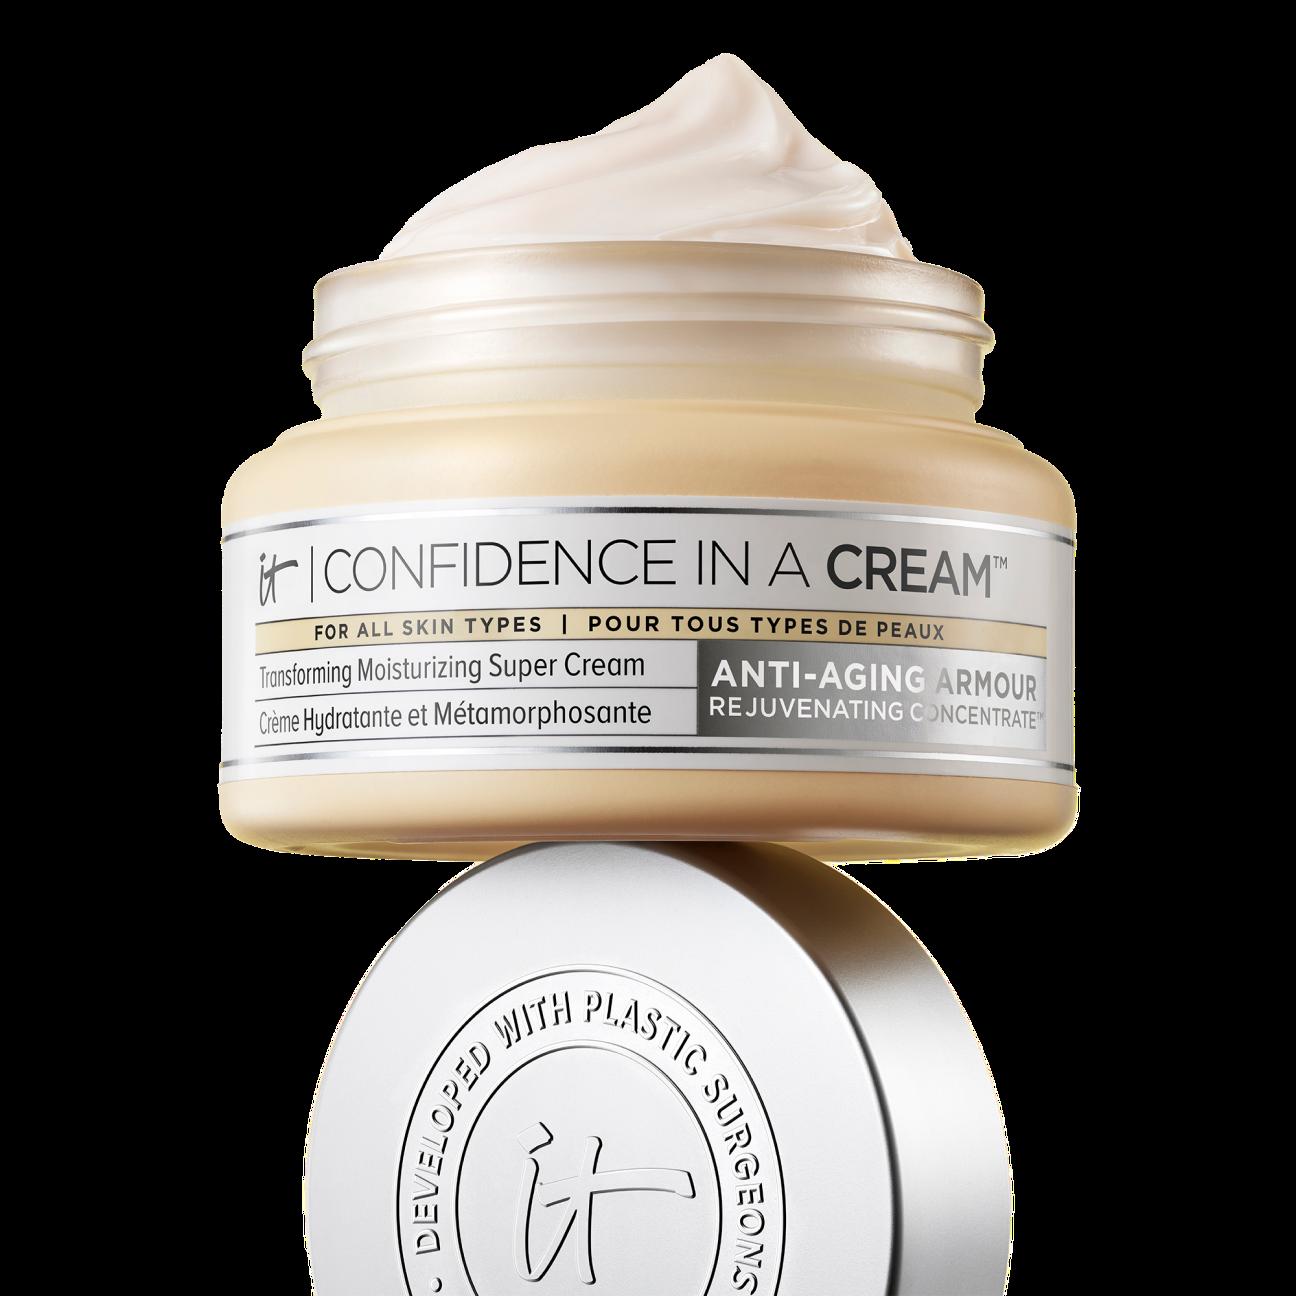 Probamos y demostramos, el antienvejecimiento se trata con esta crema